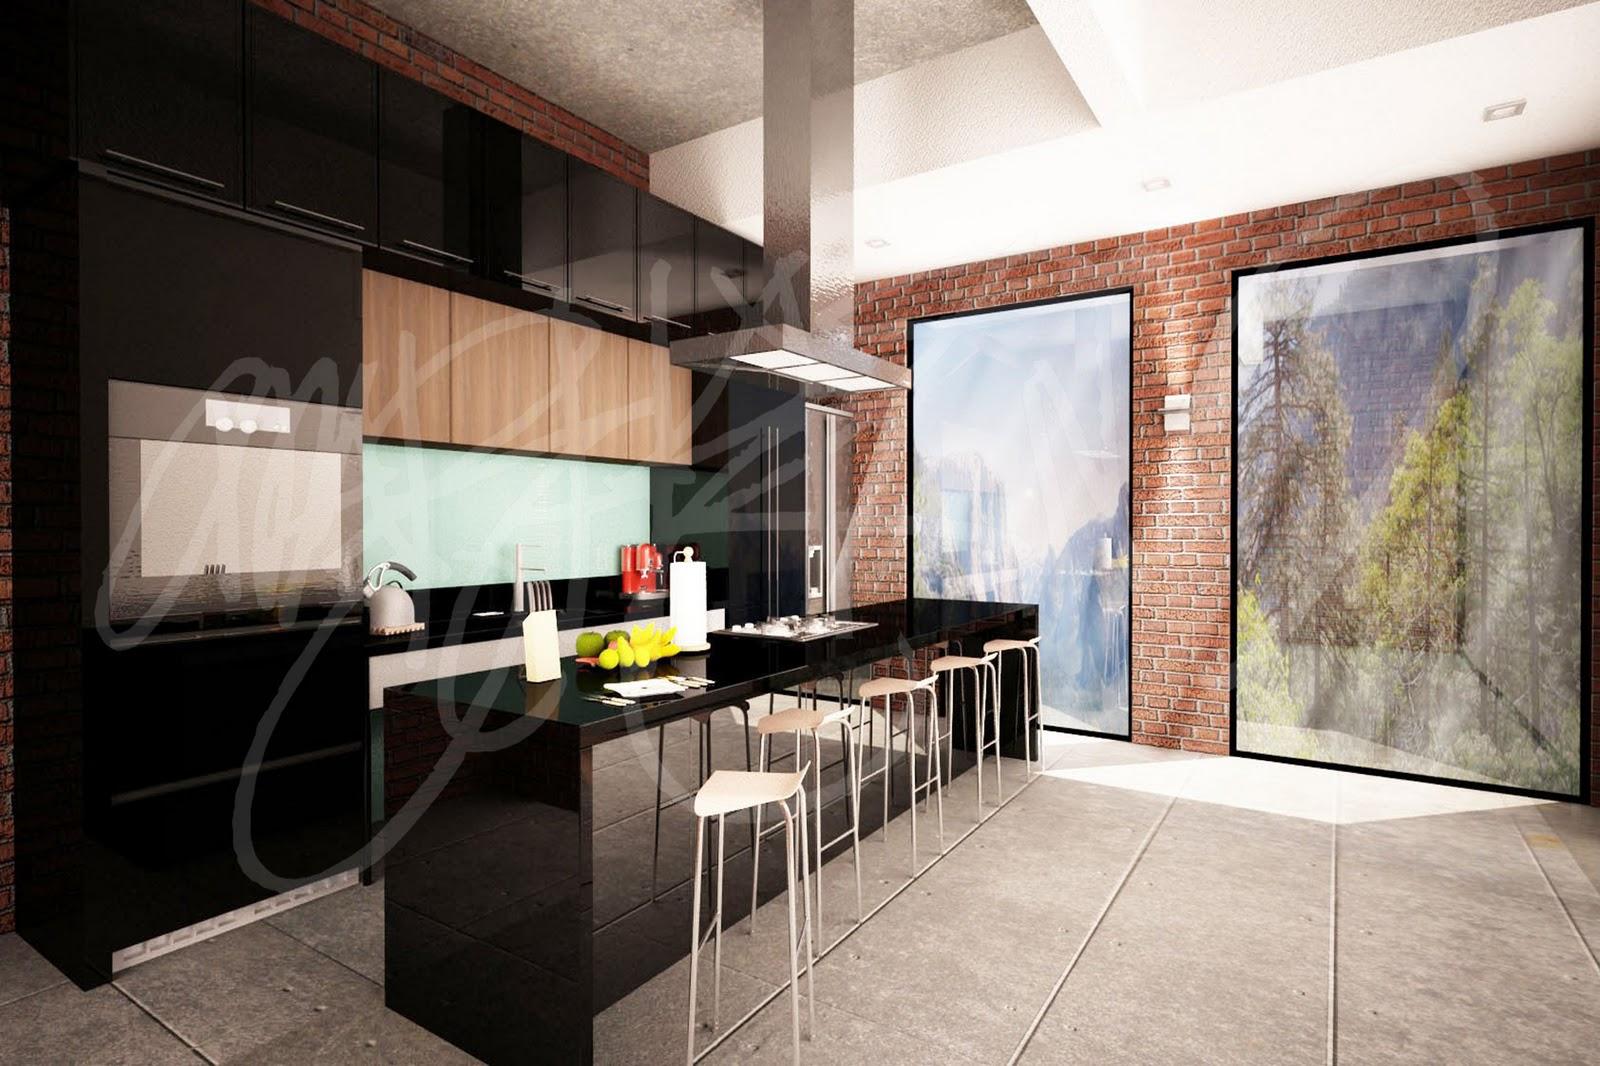 Learning Future Interior Designer: 3D Practices (3dsmax